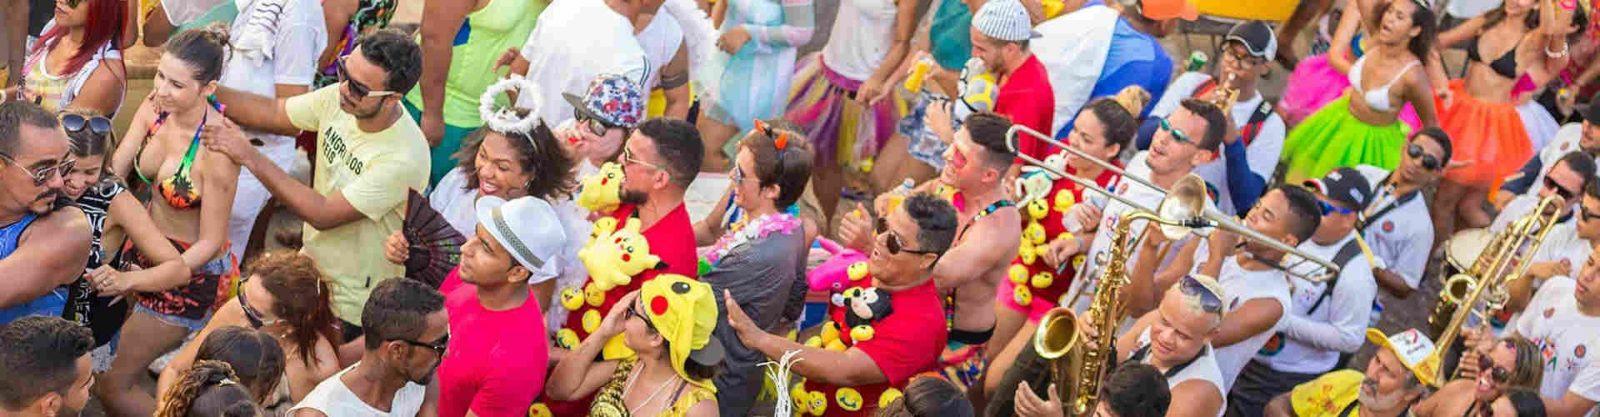 Natura Baixou Tudo Maquiagem de carnaval 6 dicas para a make durar a folia toda capa